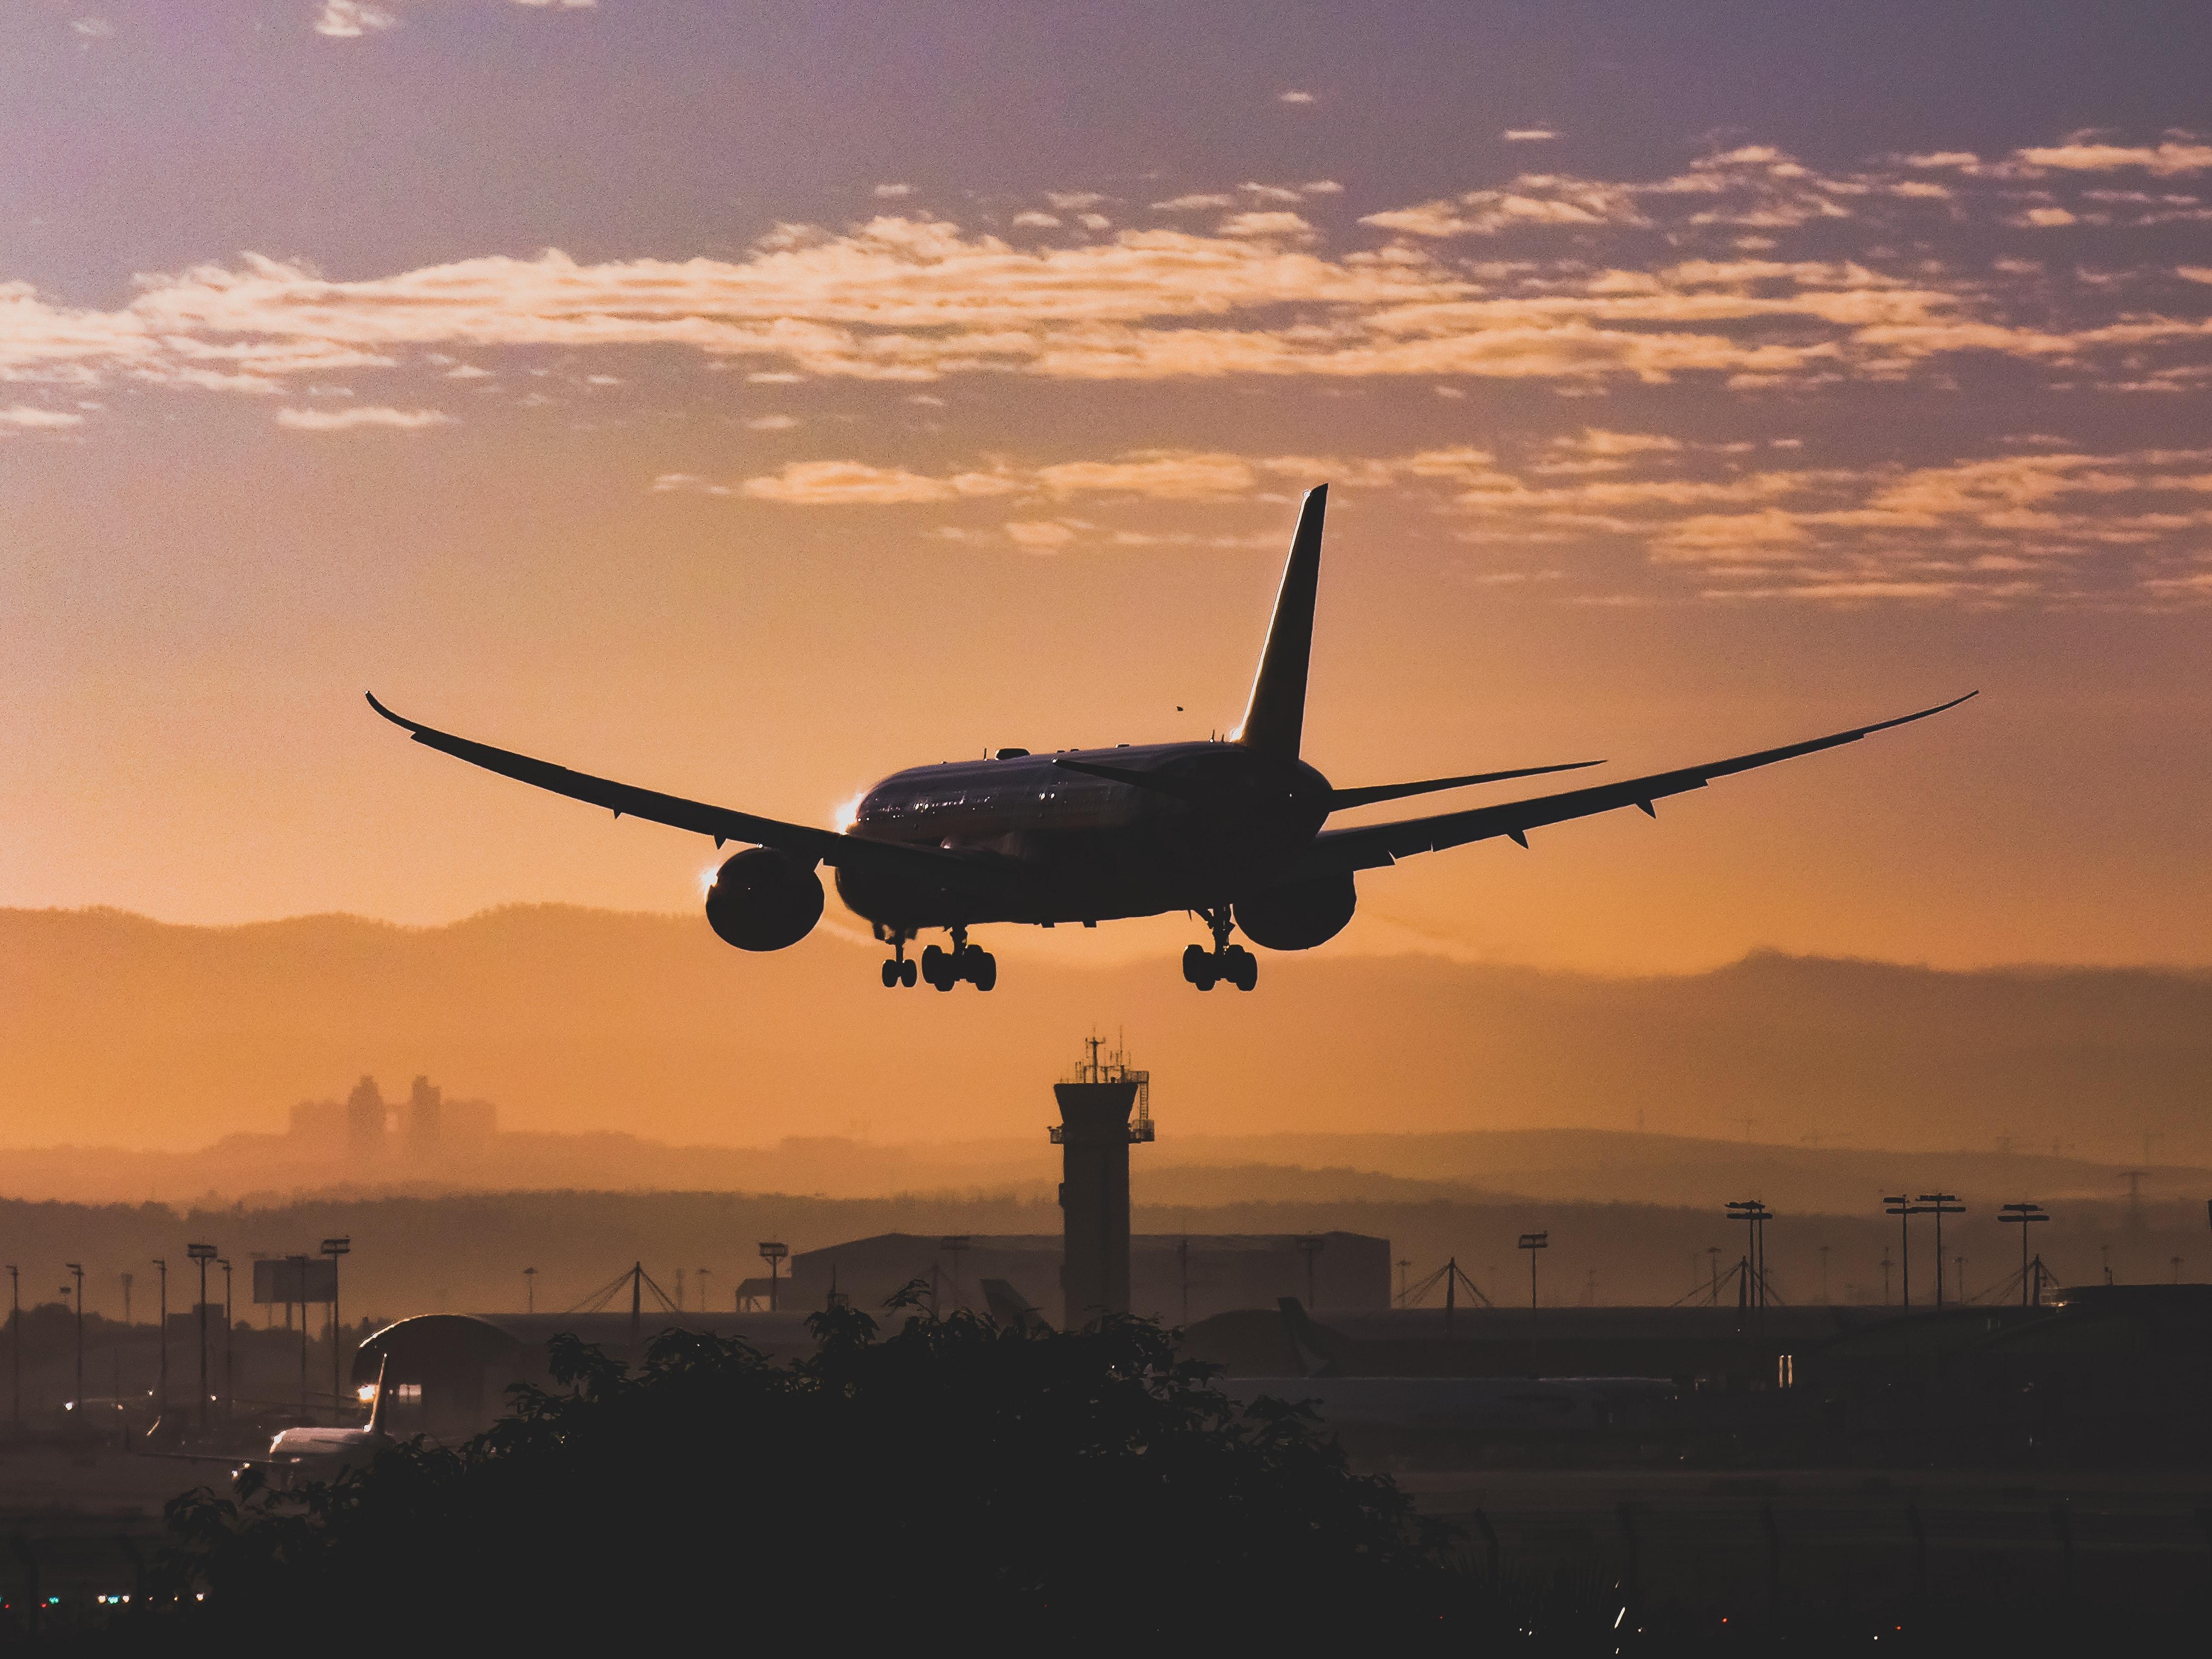 Airbus entrevoit une lueur d'espoir dans les voyages d'affaires